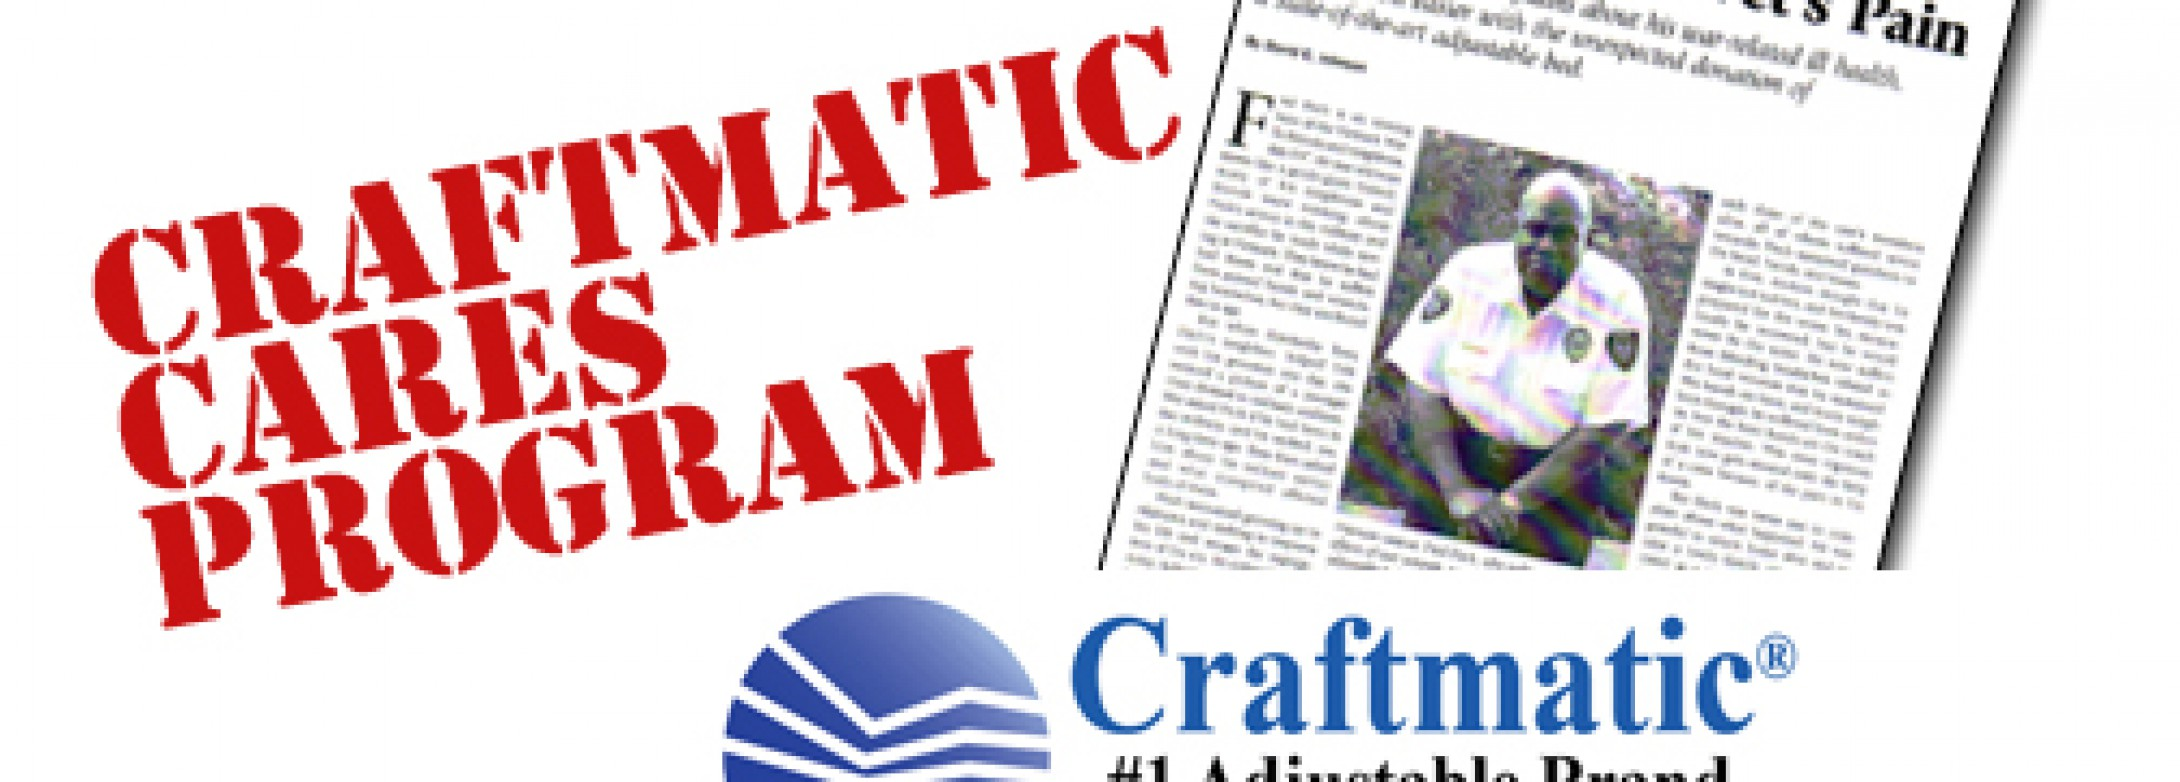 Craftmatic Adjustable Bed